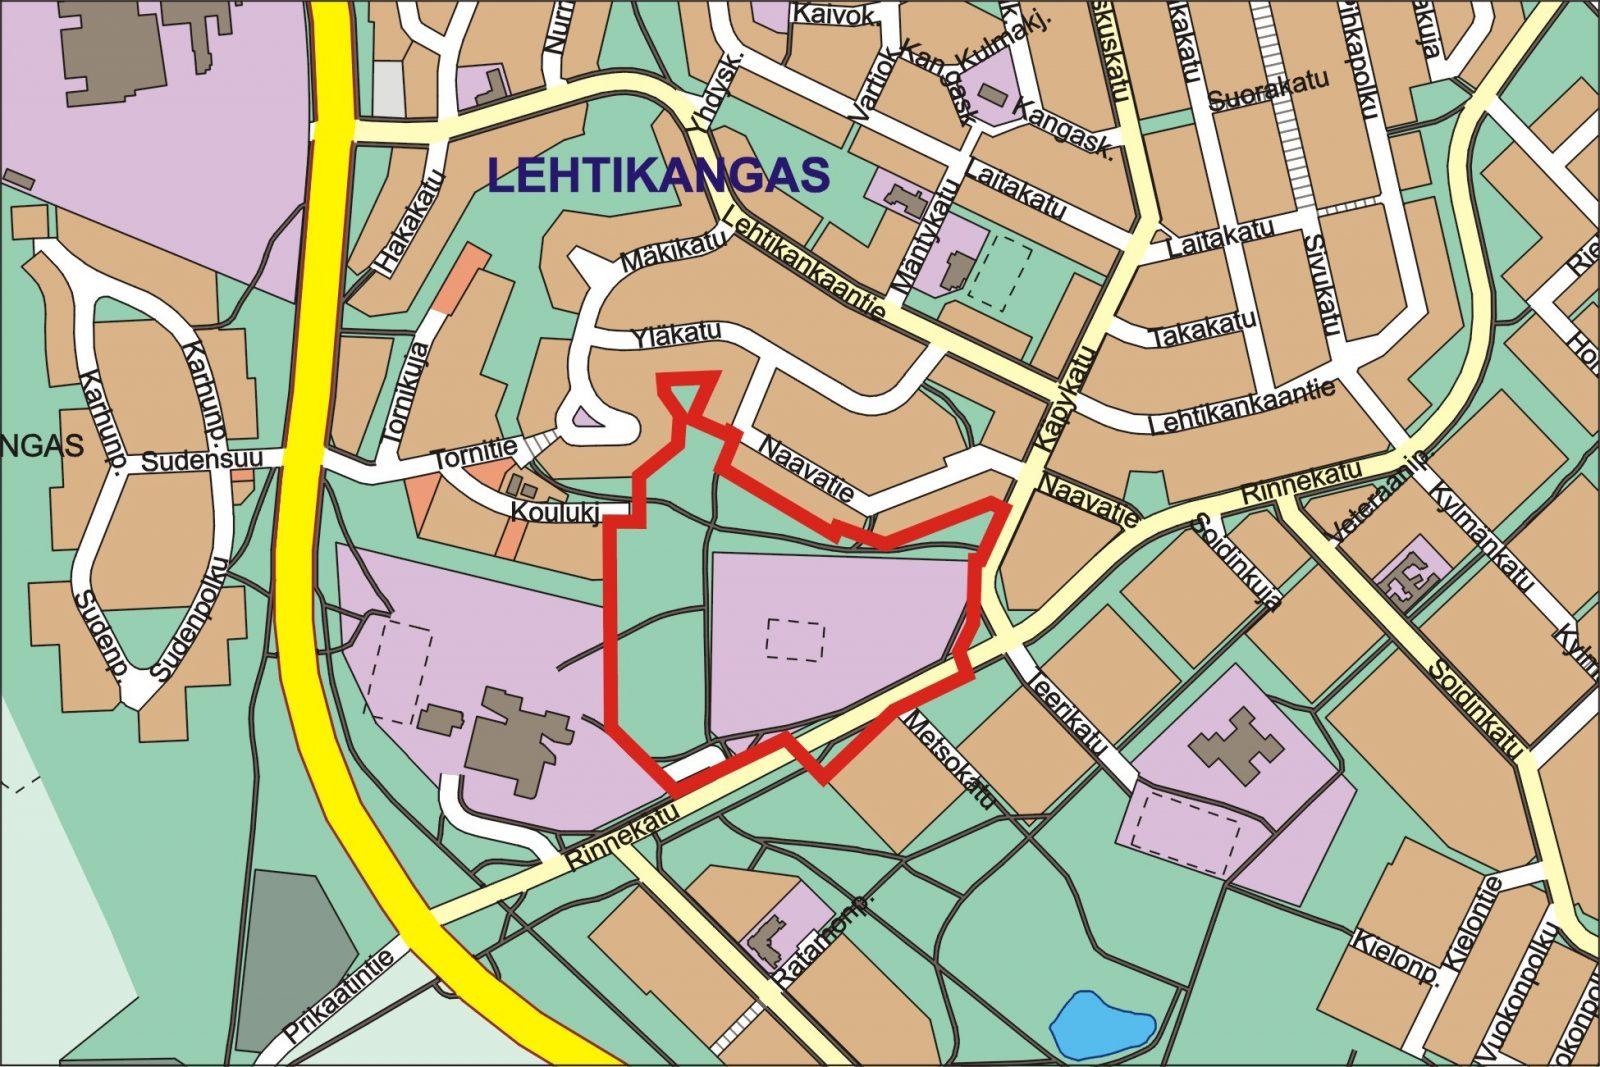 Kartta Lehtikankaan koulun asemakaava alueesta